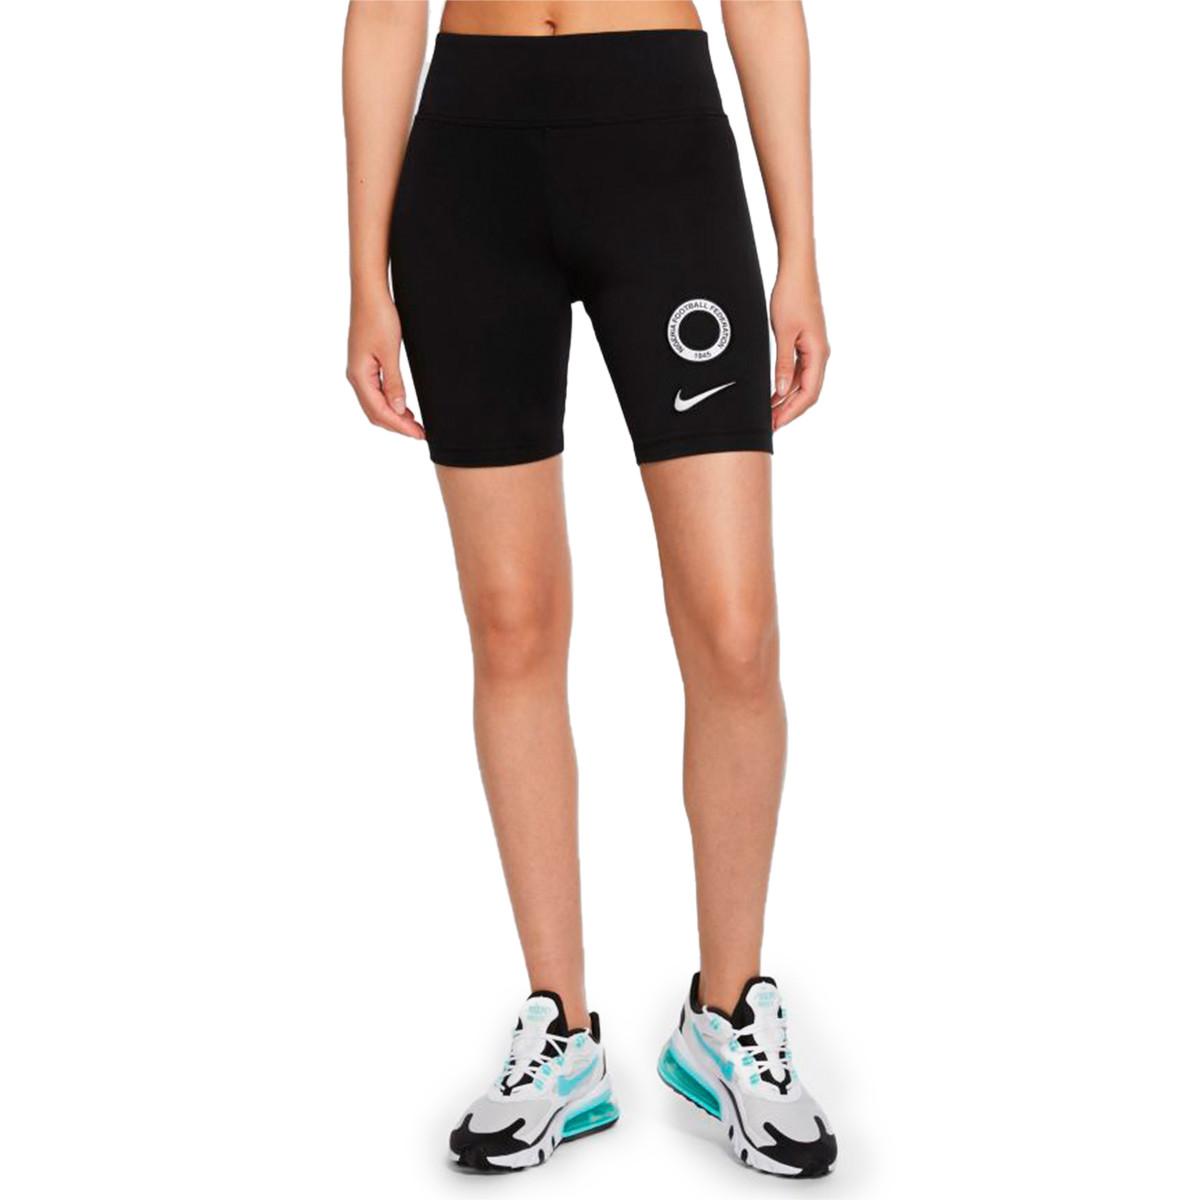 Shorts Nike Women Nigeria Nsw Legasse Bike 2020 2021 Black Whit Futbol Emotion